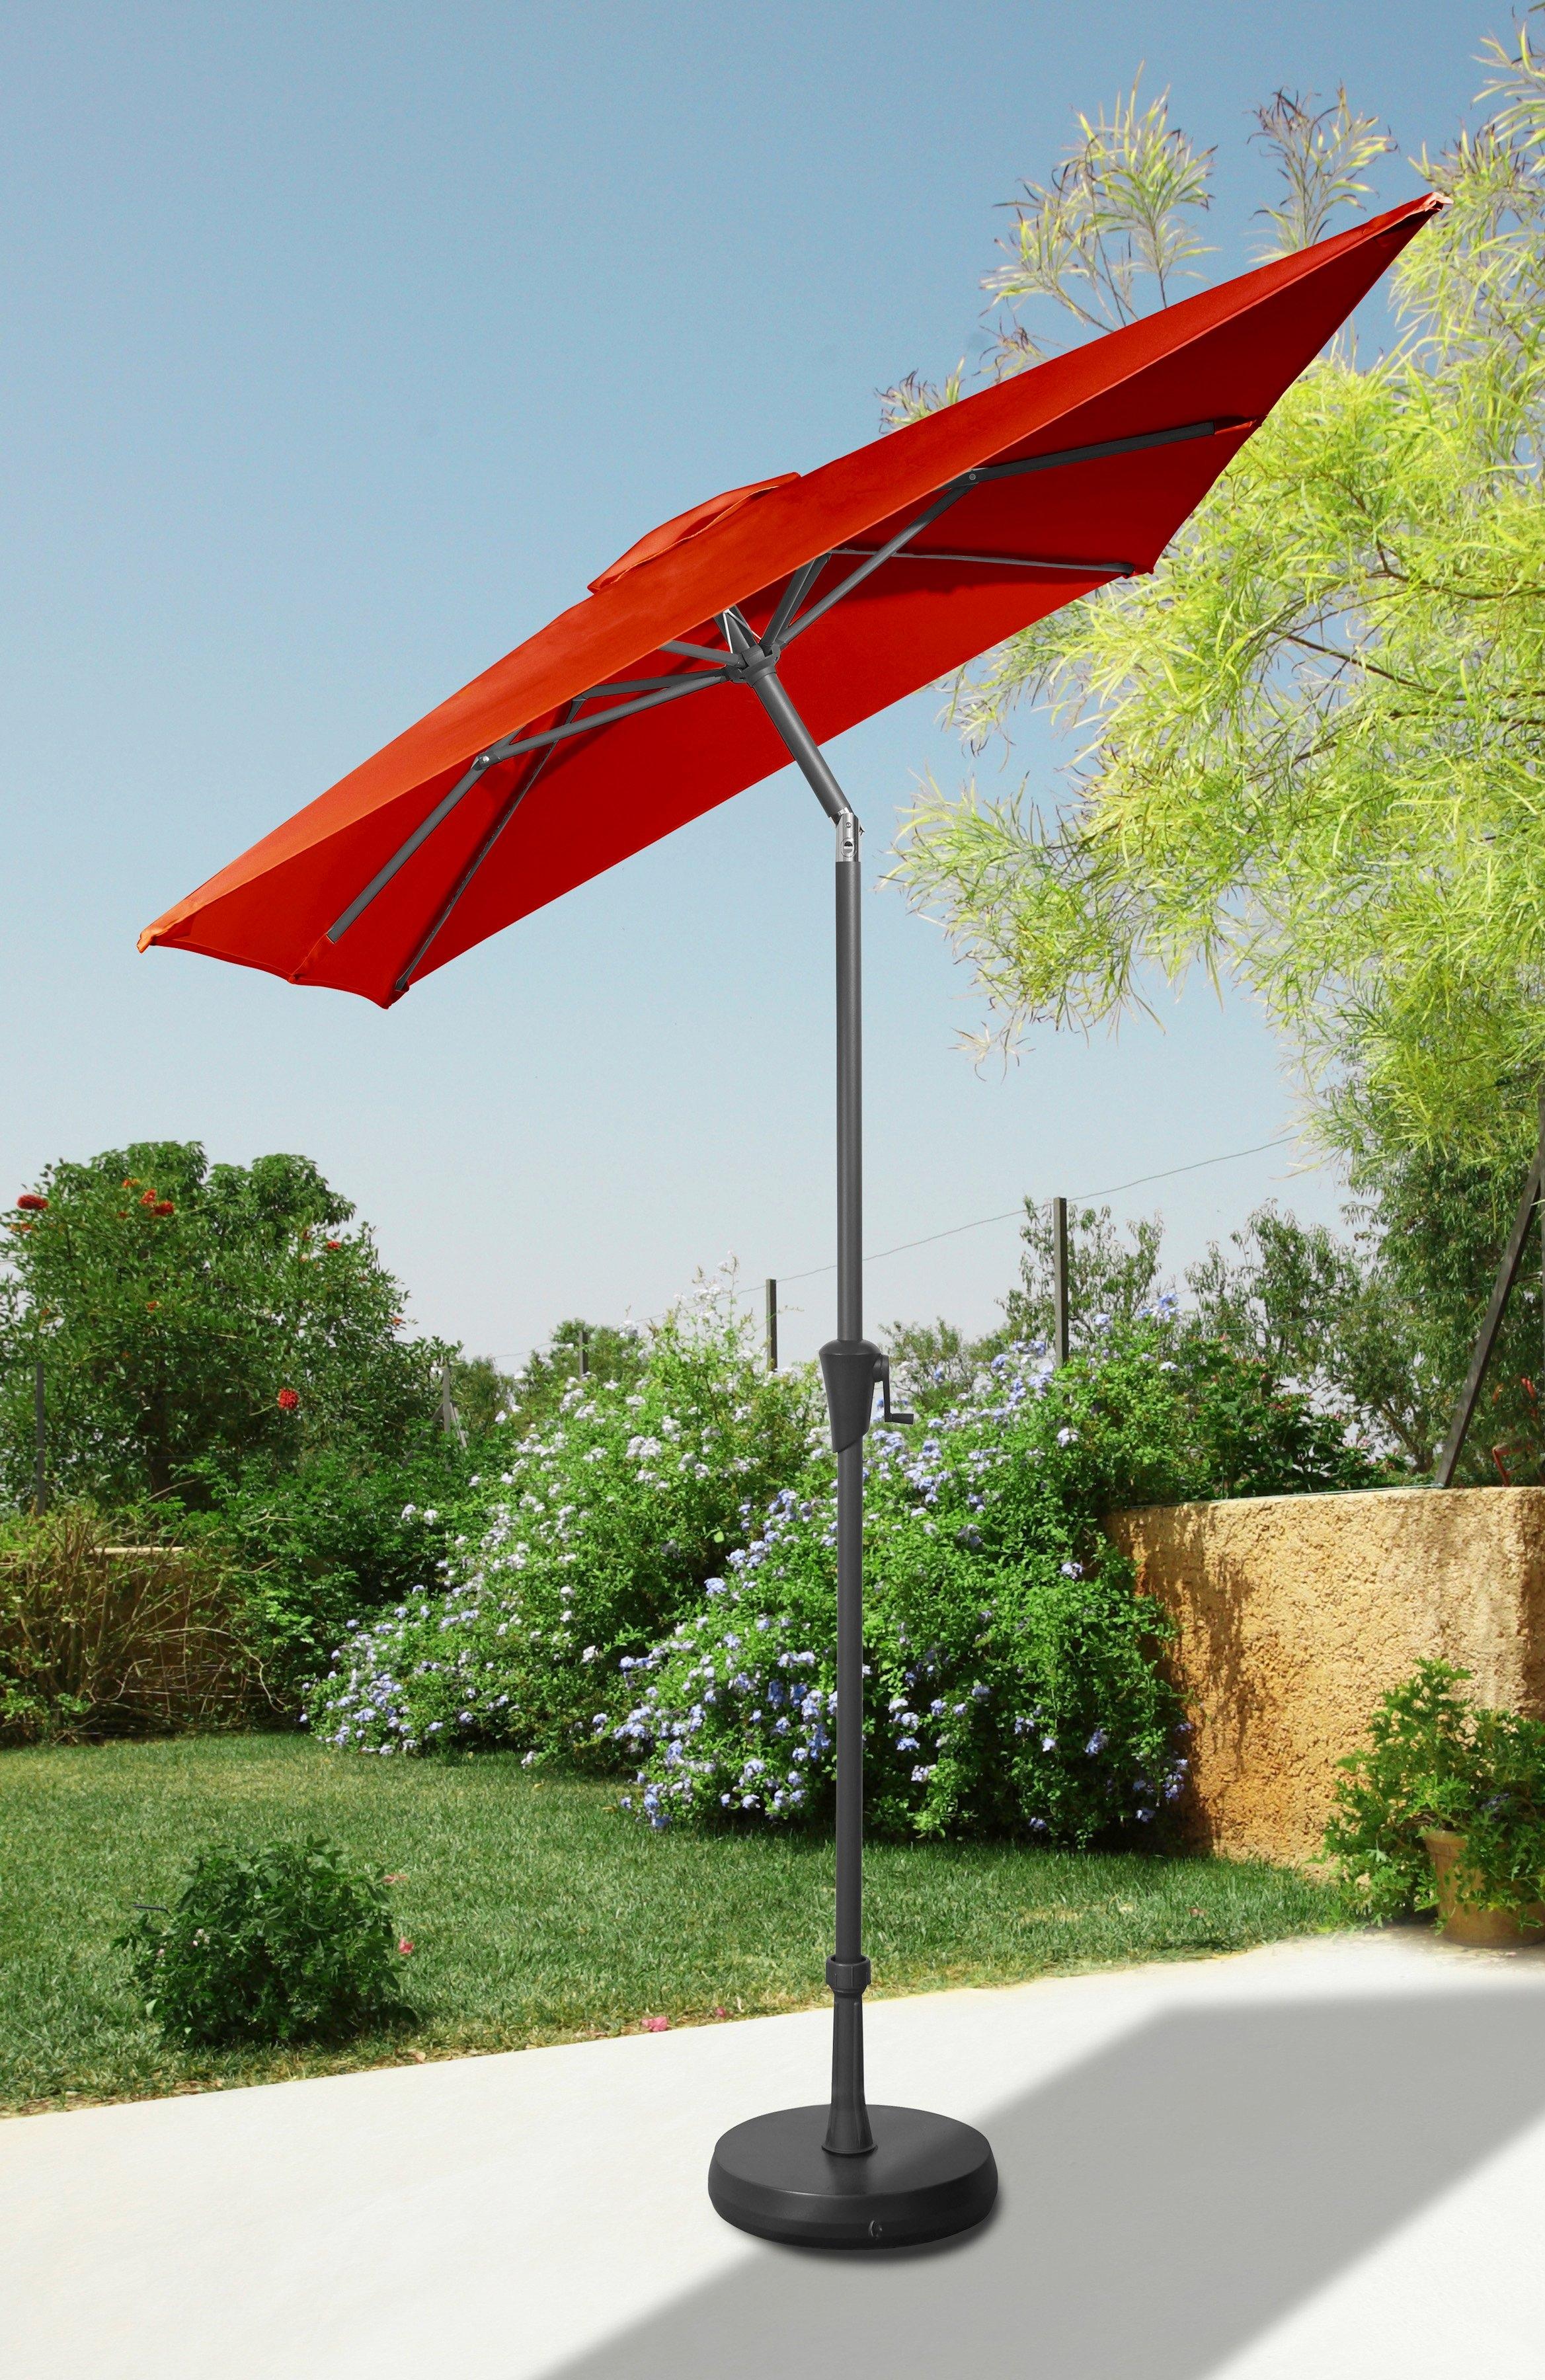 Op zoek naar een garten gut Parasol 160x230 cm? Koop online bij OTTO